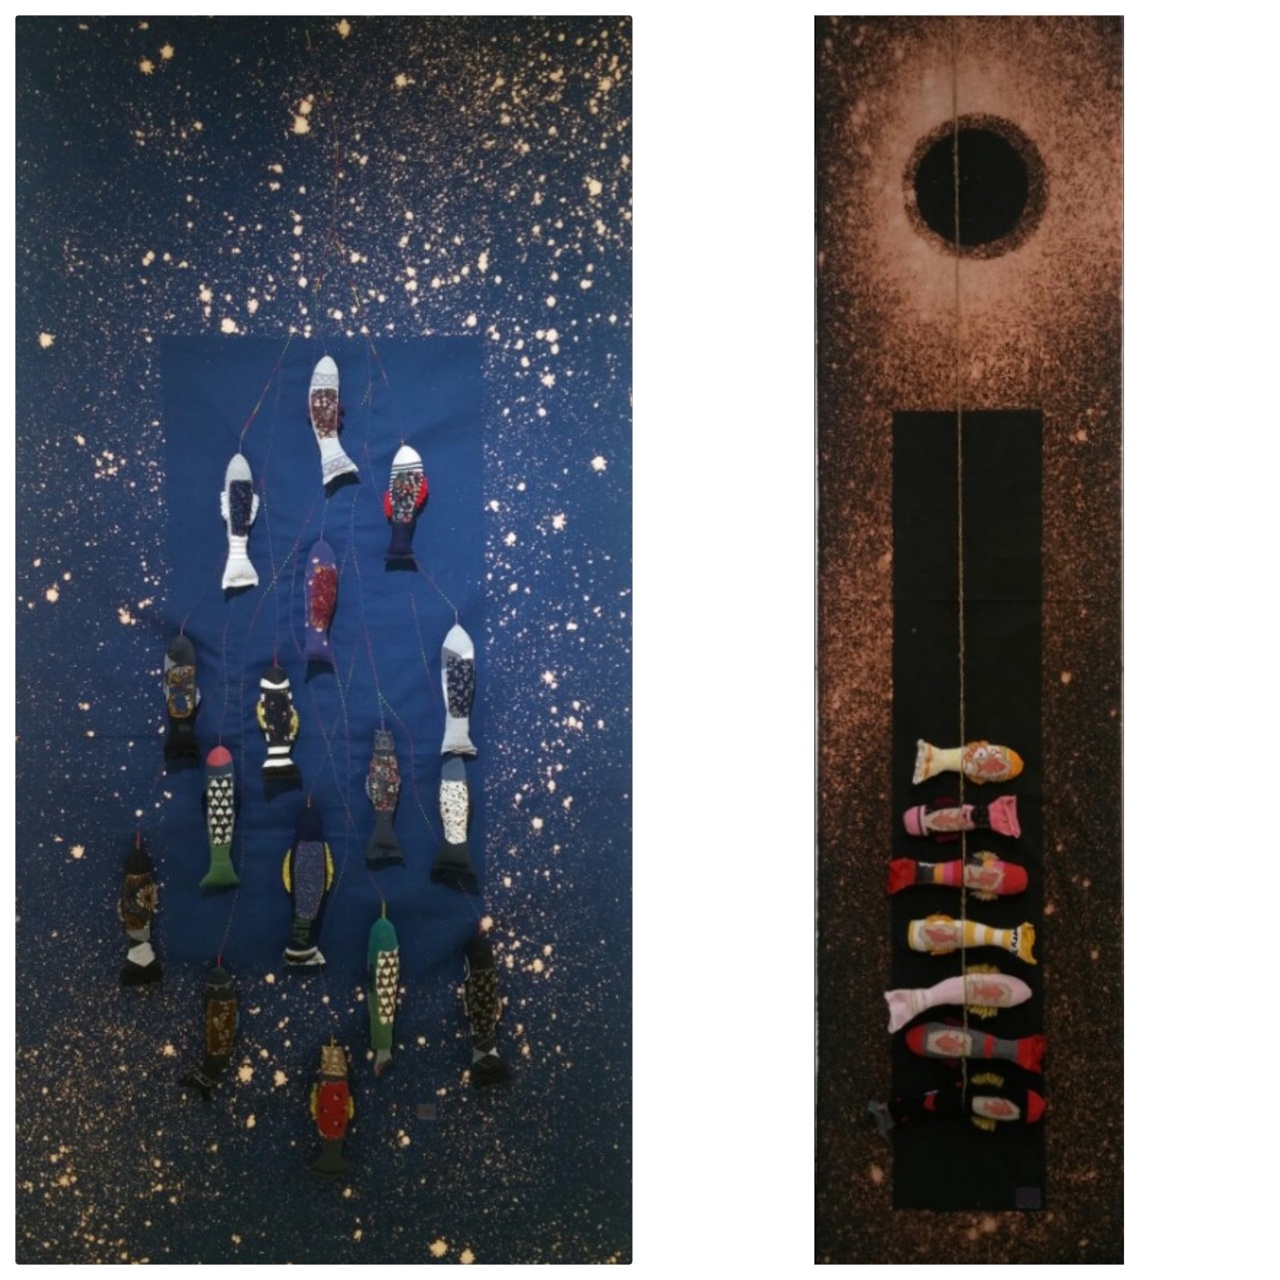 좌: 생...구름에 달 가듯.  장순일.  패브릭(혼합재료). 43 x 183 cm